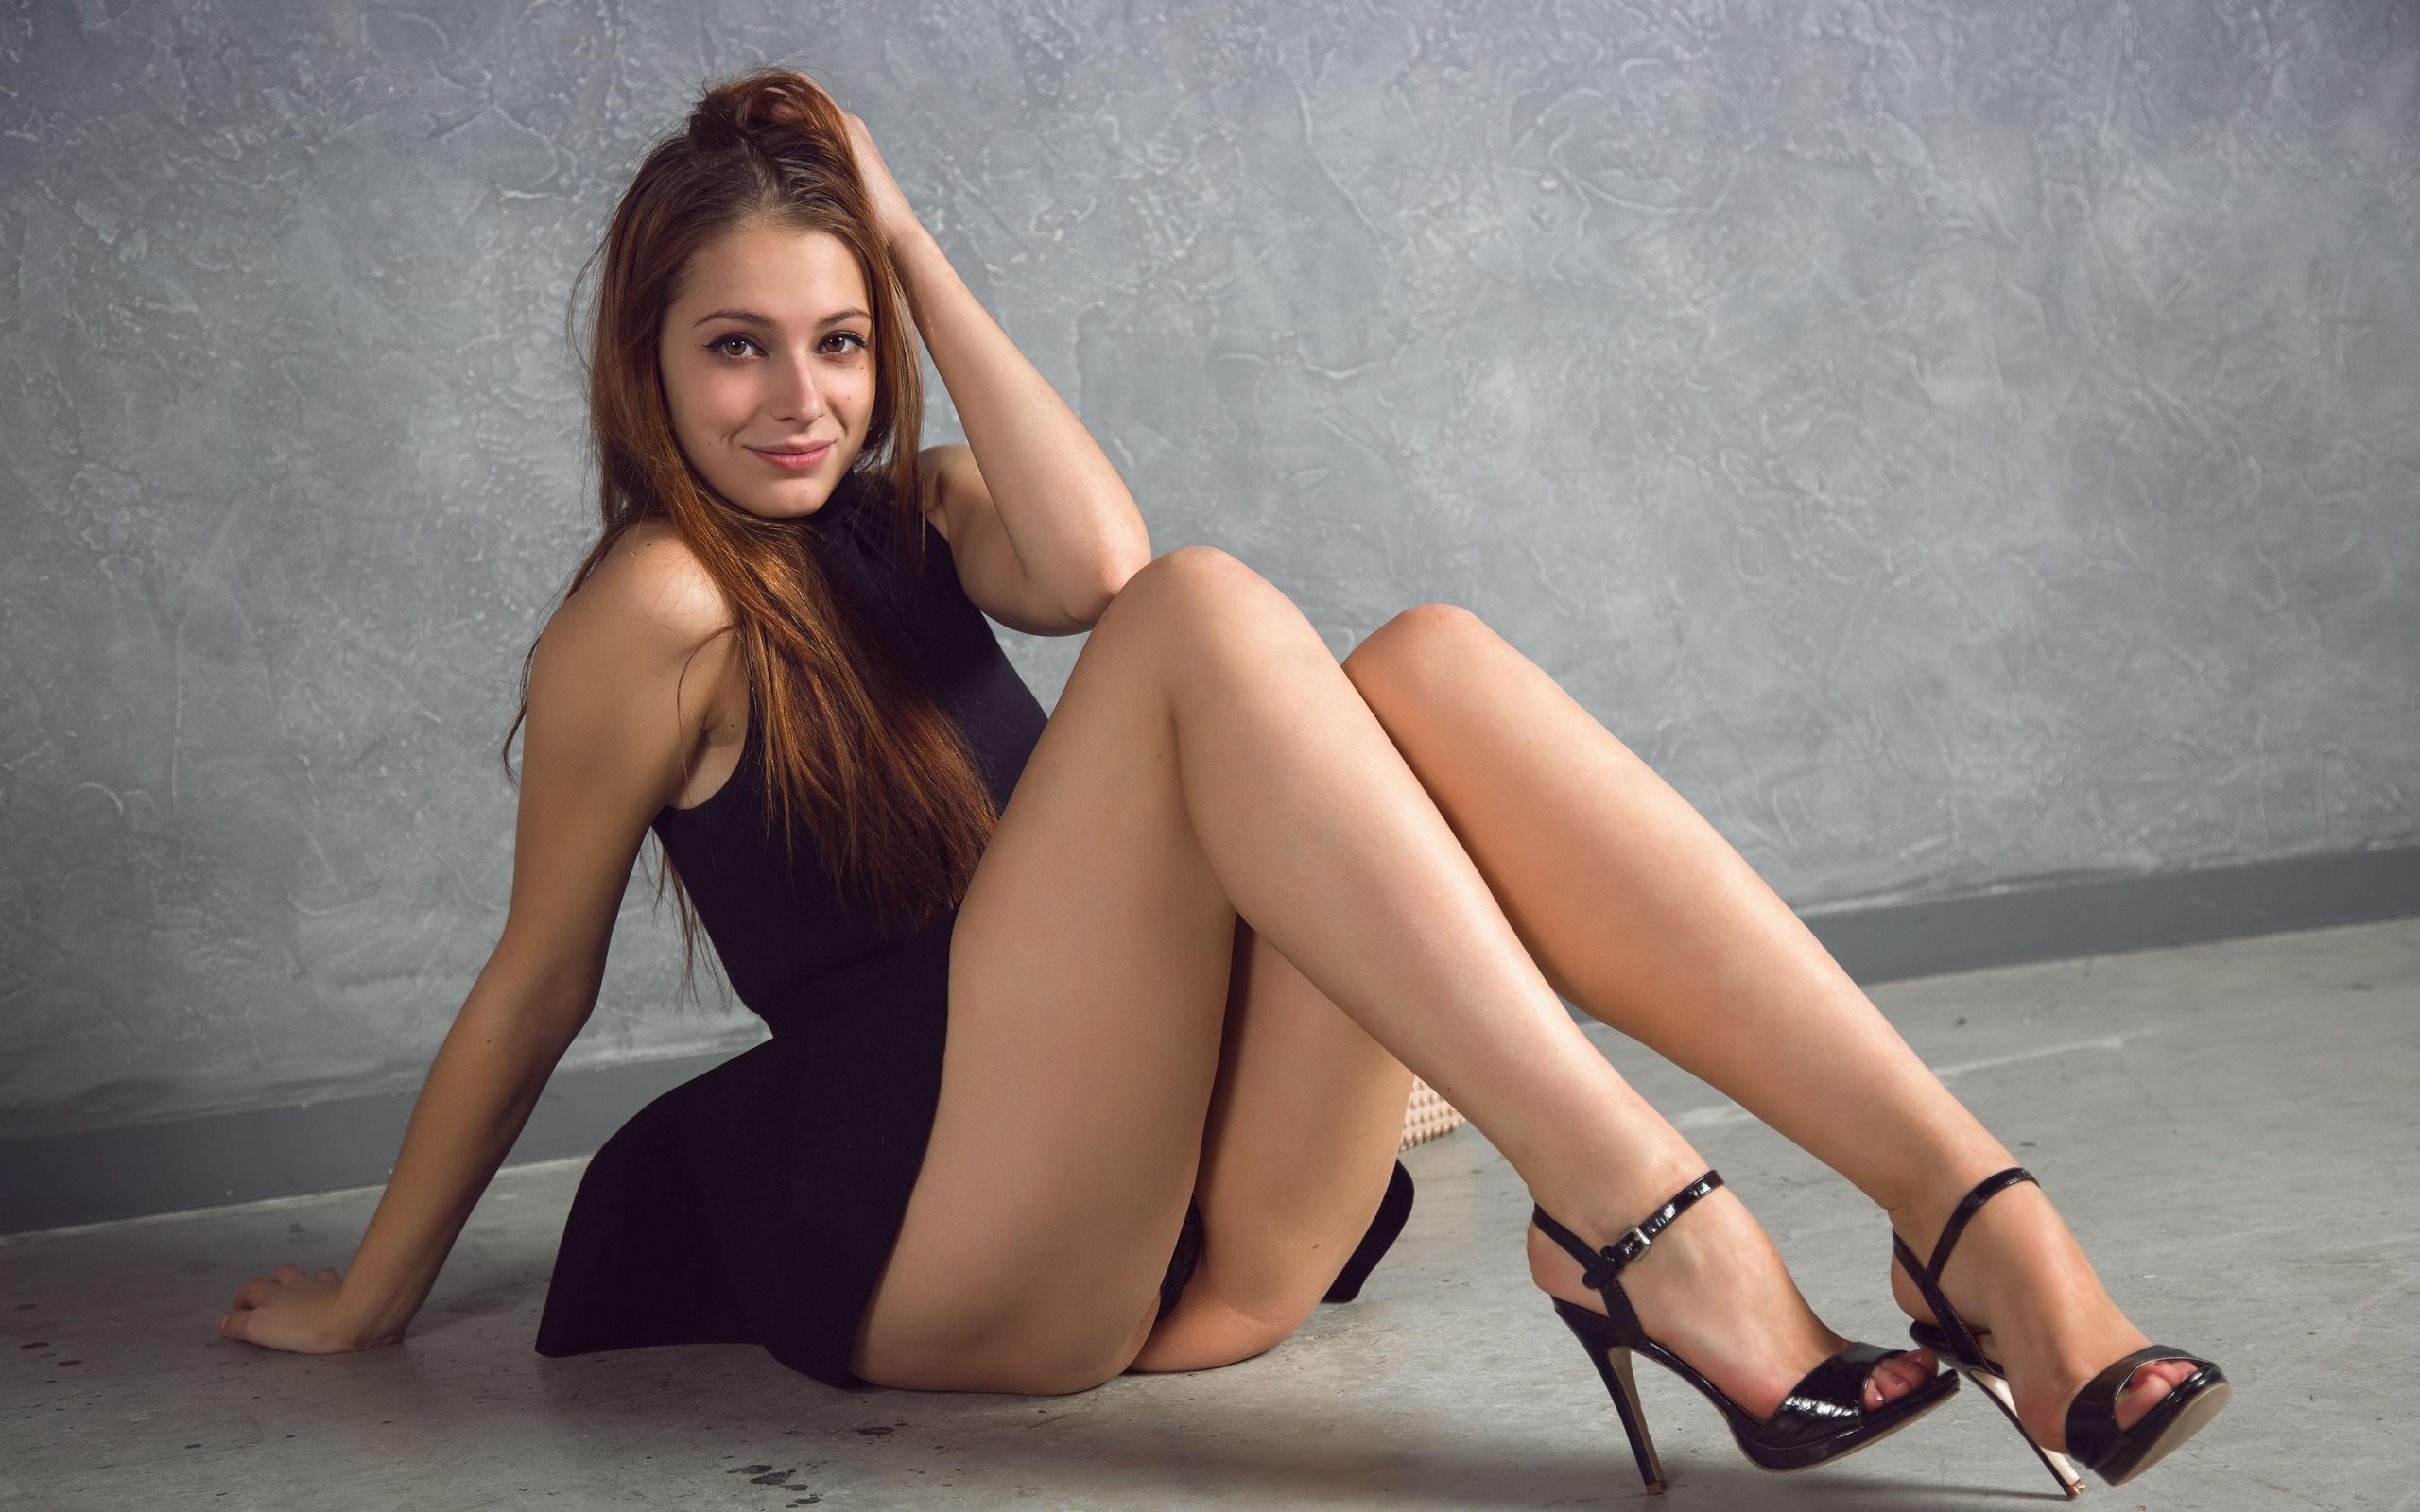 Частные голые ножки, Голые ножки фото - обнаженные ноги девушек 24 фотография